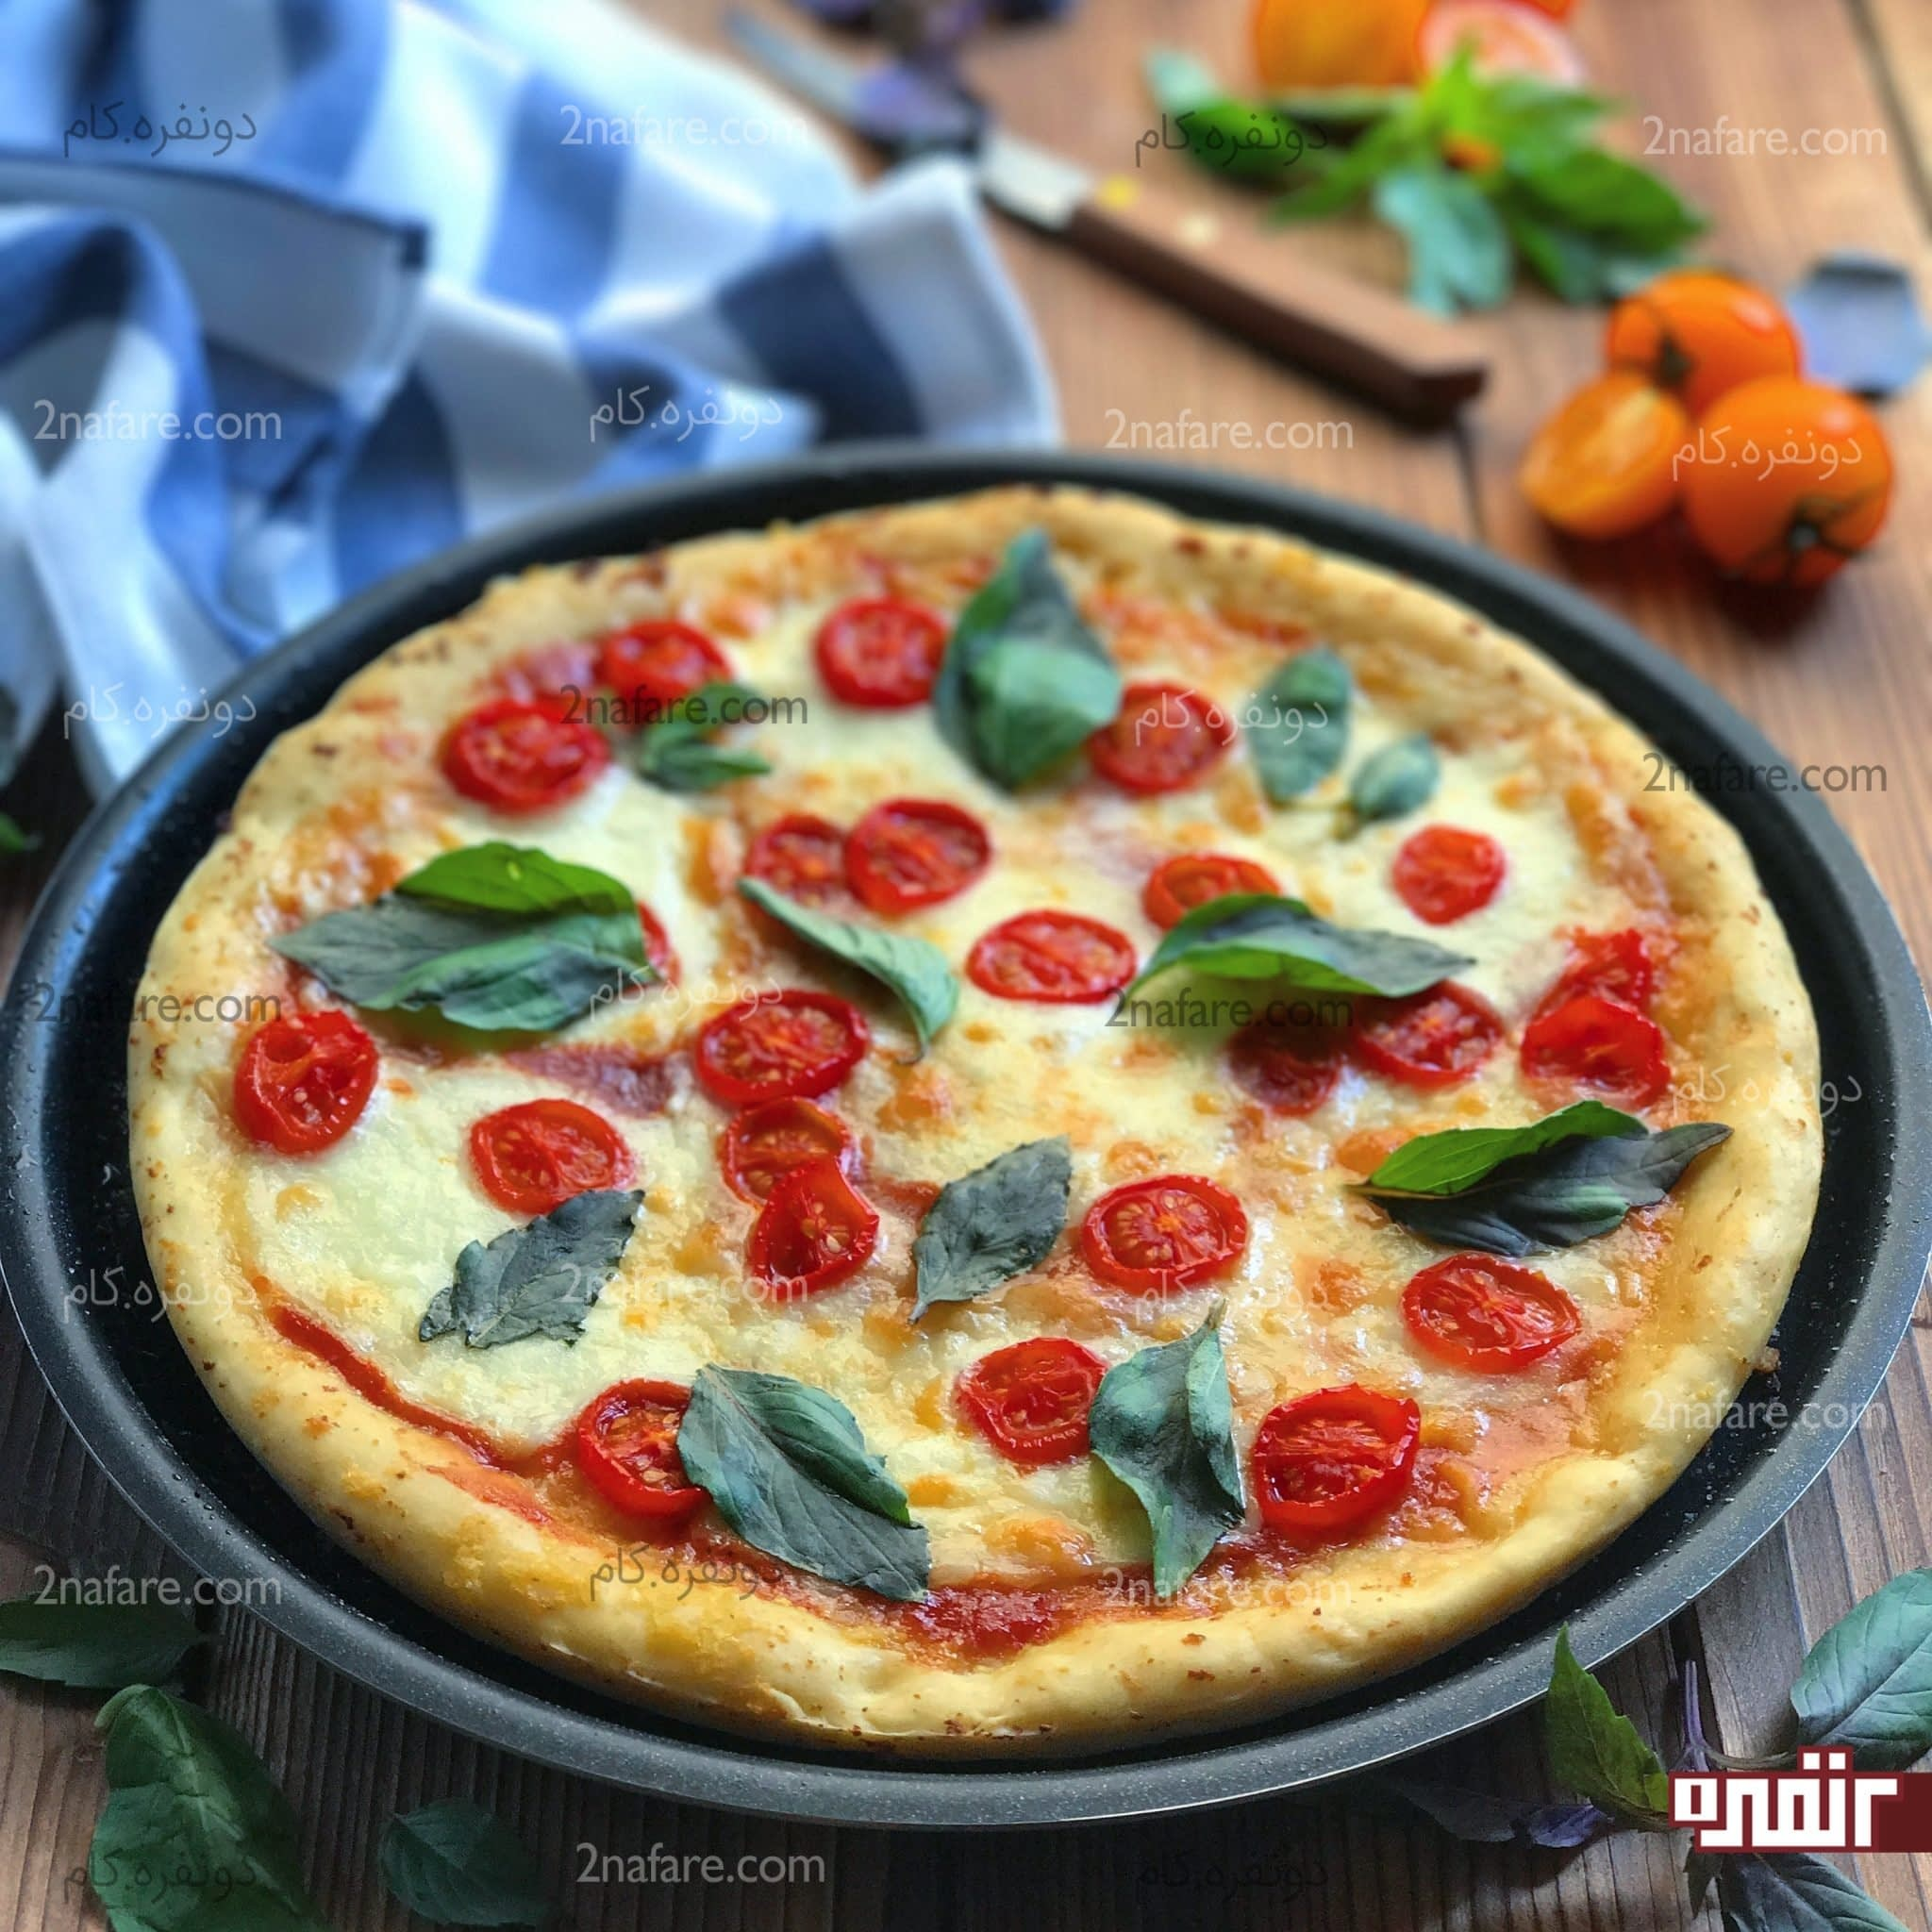 نتیجه تصویری برای طرز تهیه پیتزا